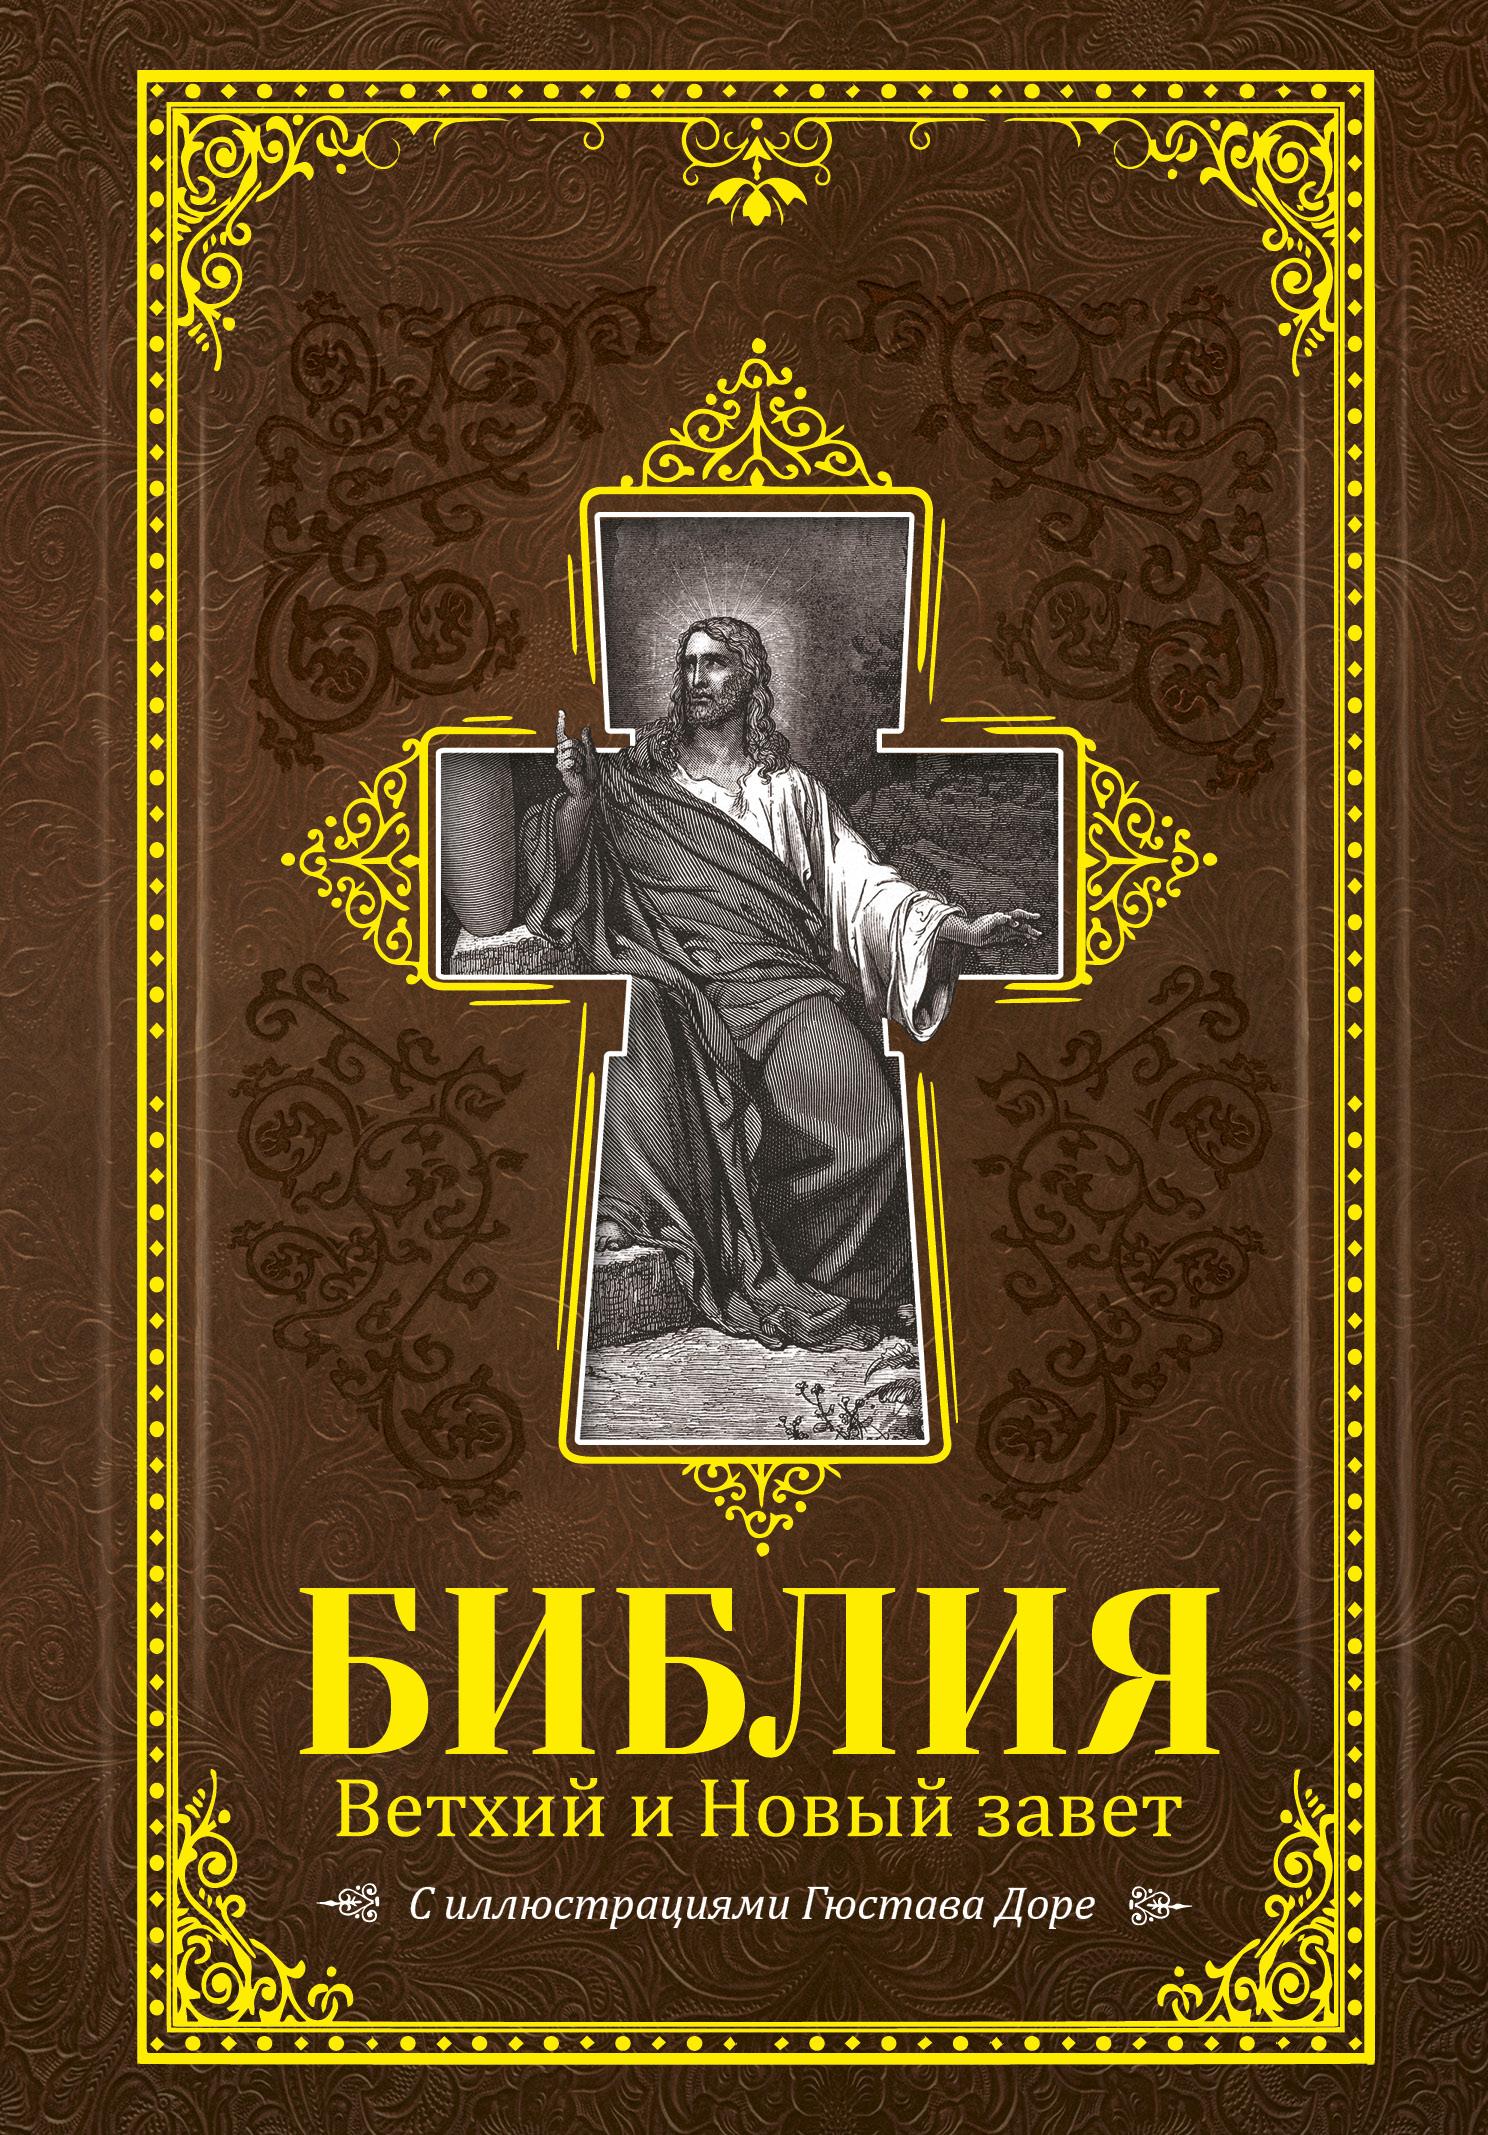 . Библия.Ветхий и Новый завет новый завет в изложении для детей четвероевангелие